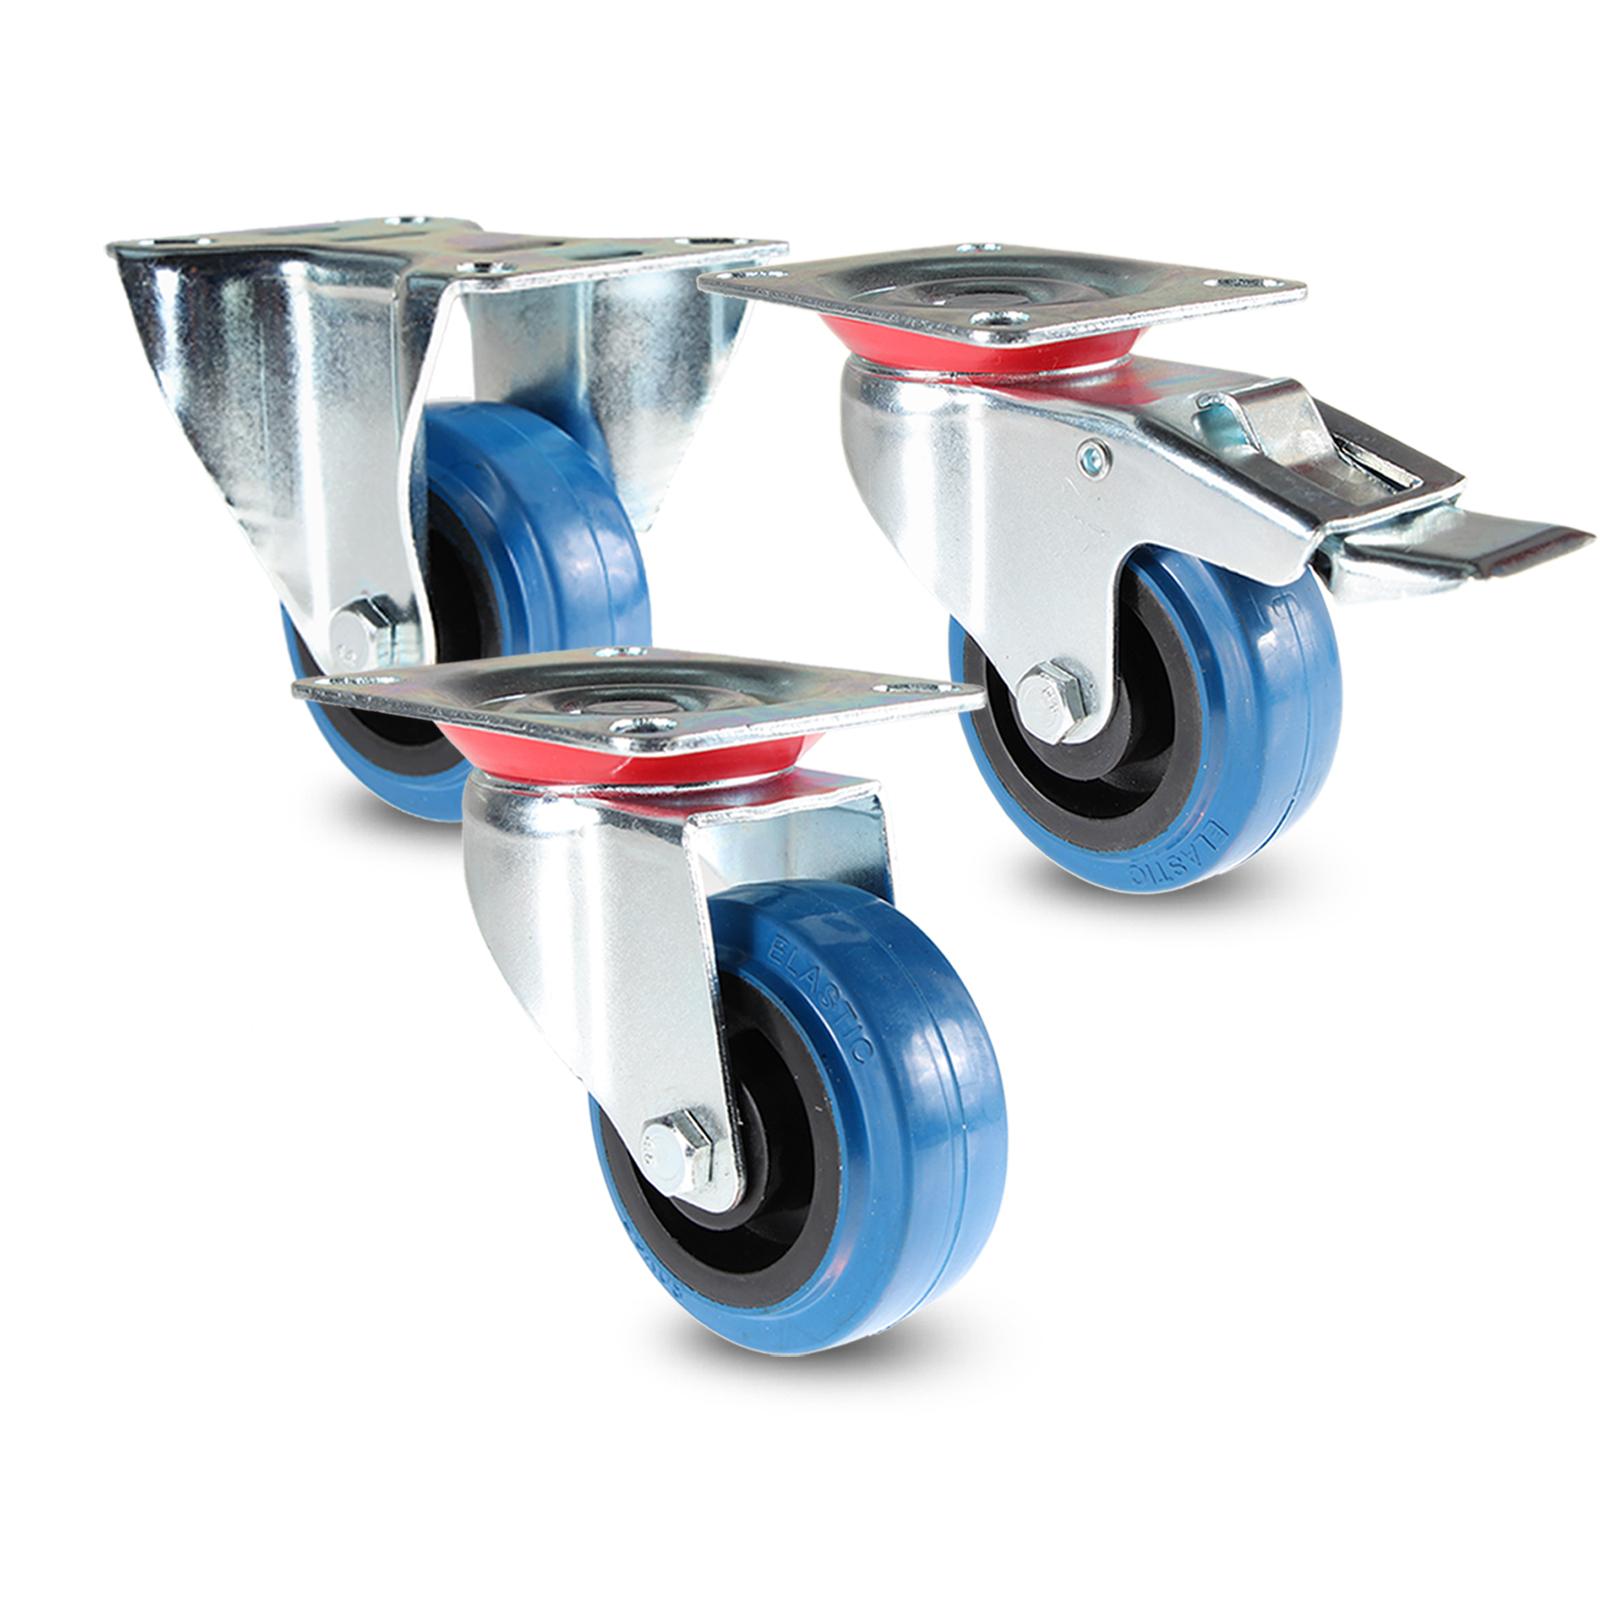 Pro-audio Equipment 48er Set 80mm Sl Bockrollen Blue Wheel Rollen Schwerlastrollen Transportrollen GüNstige VerkäUfe Rollen Mit Anschraubplatte